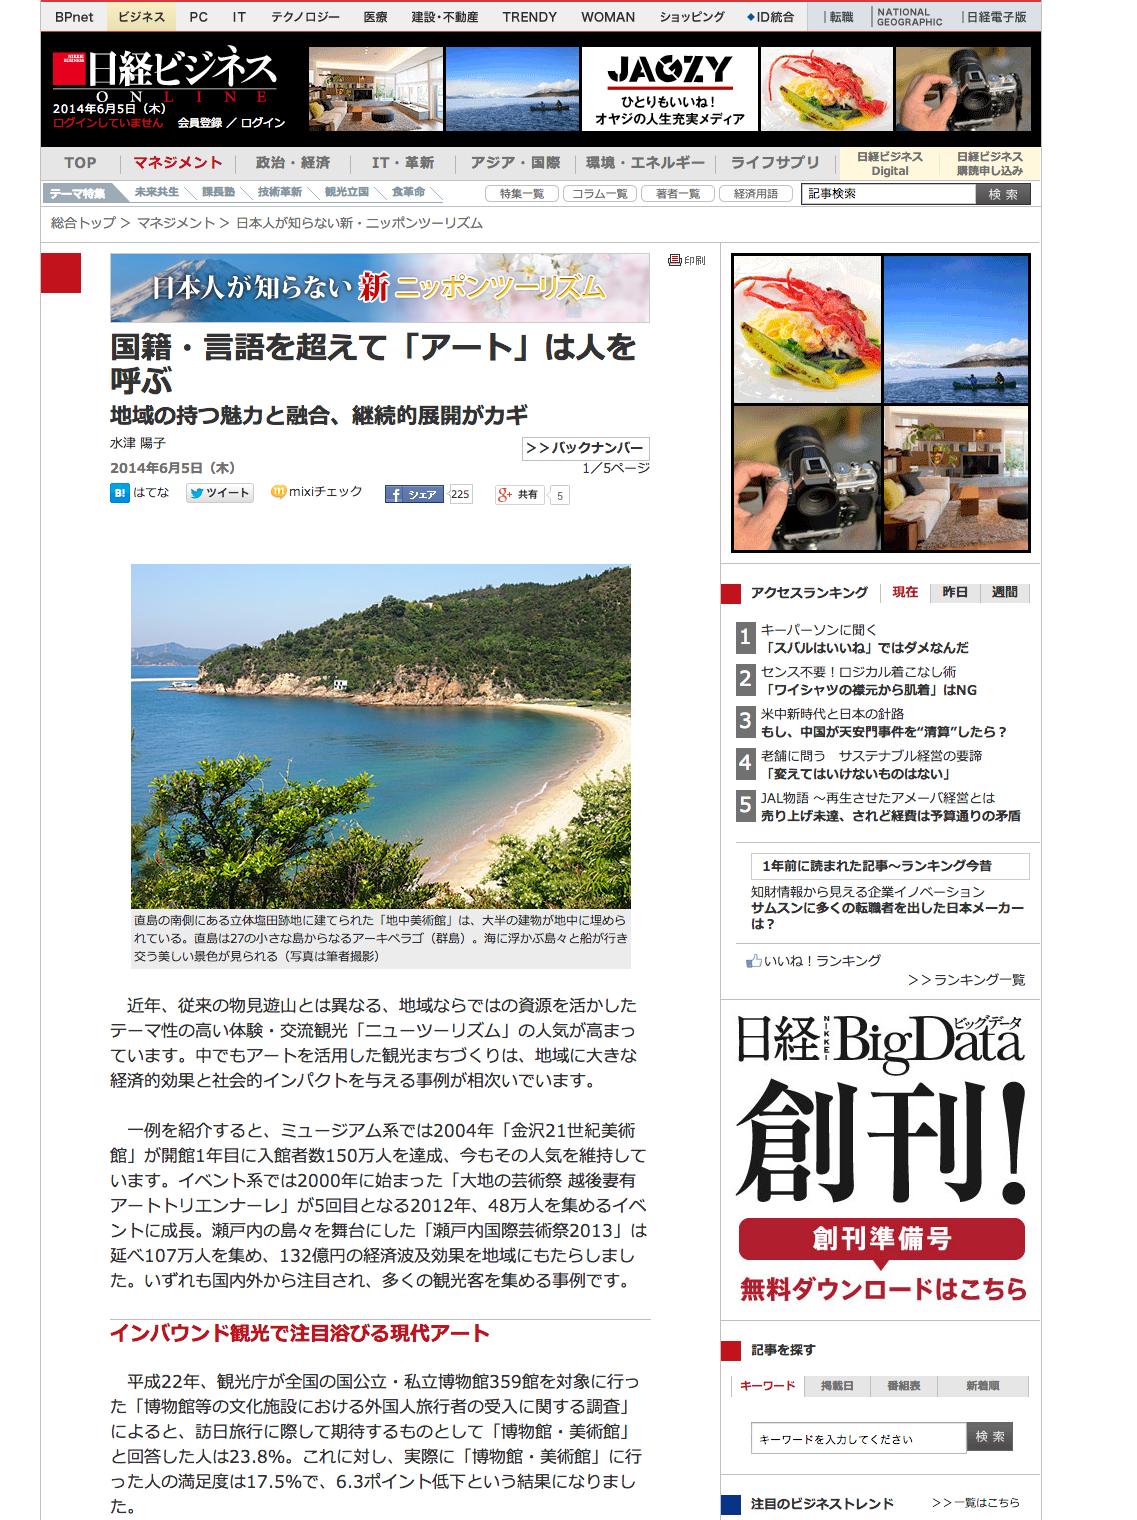 日経ビジネス01_国籍・言語を超えて「アート」は人を呼ぶ:日経ビジネスオンライン